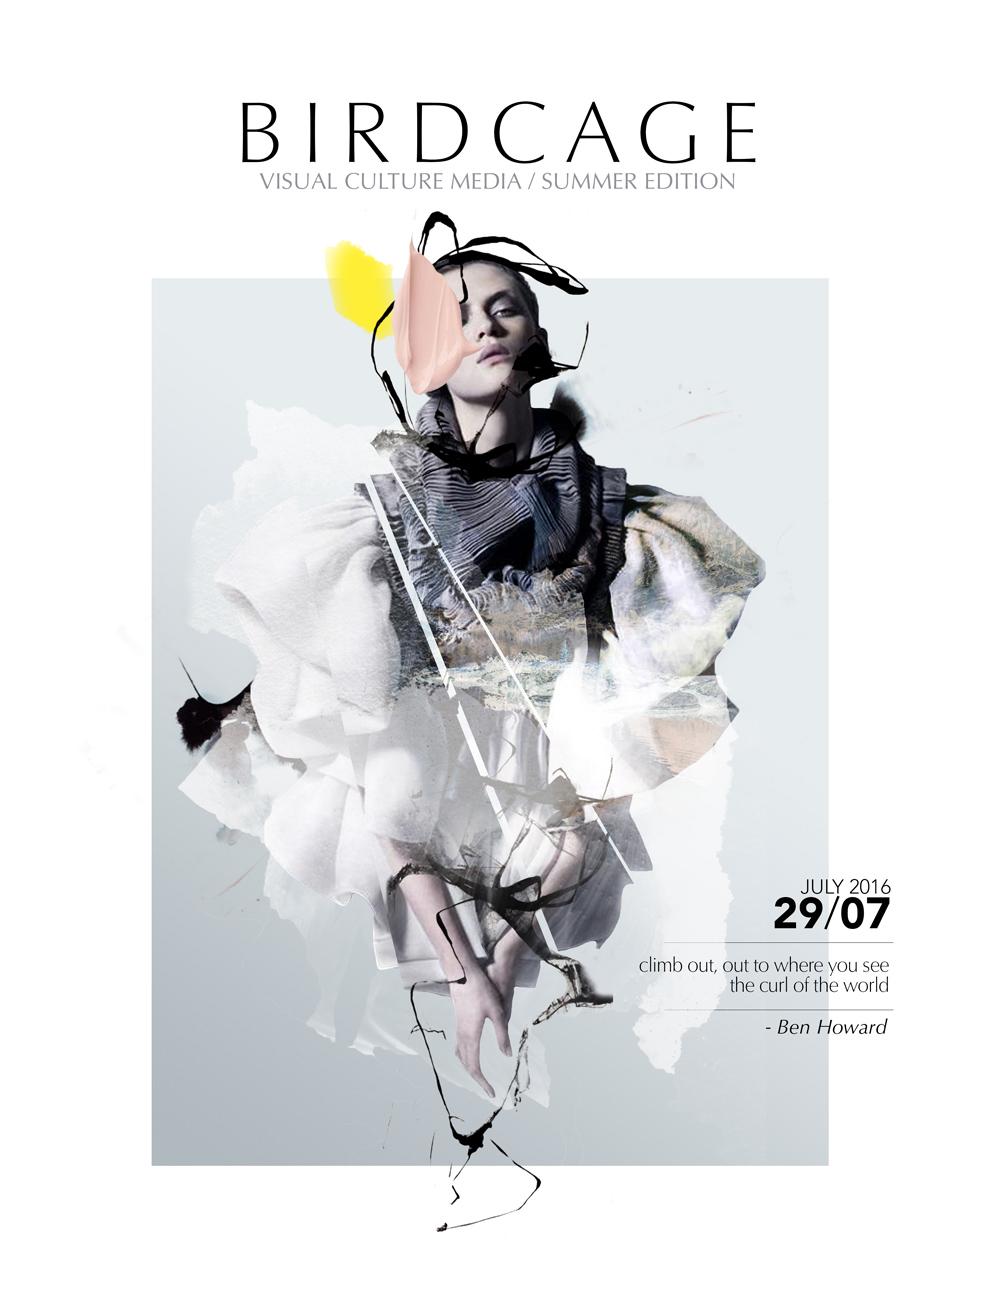 BIRDCAGE_WEBSITE.jpg